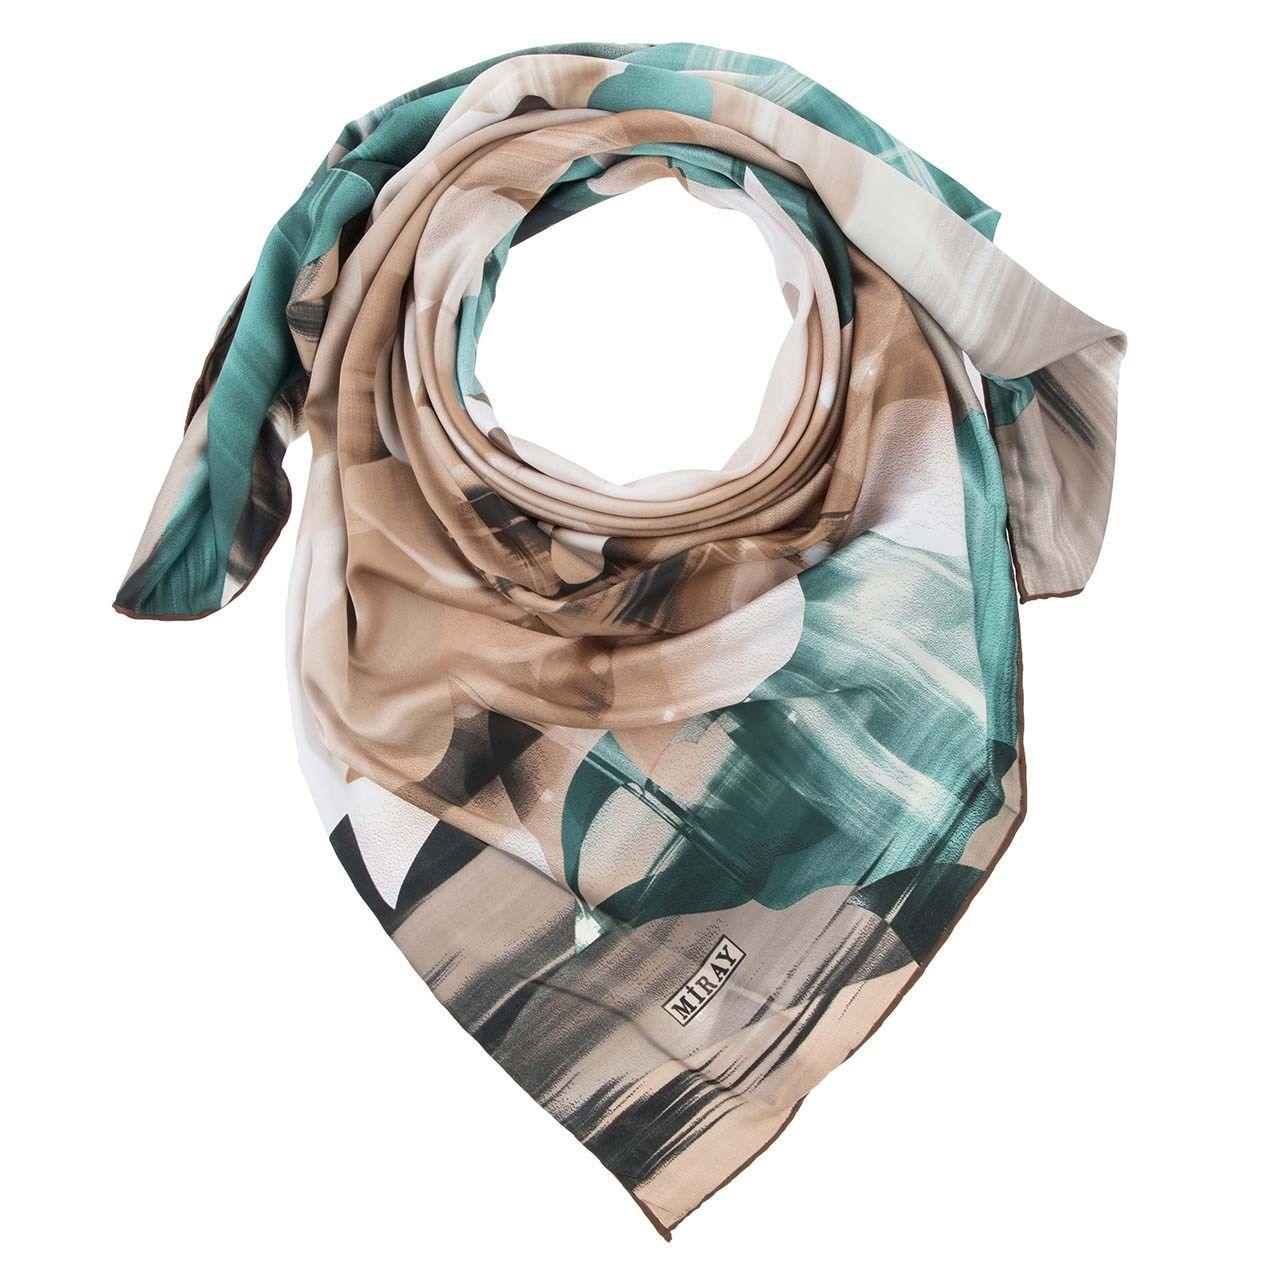 روسری میرای مدل M-212 - شال مارکت -  - 2